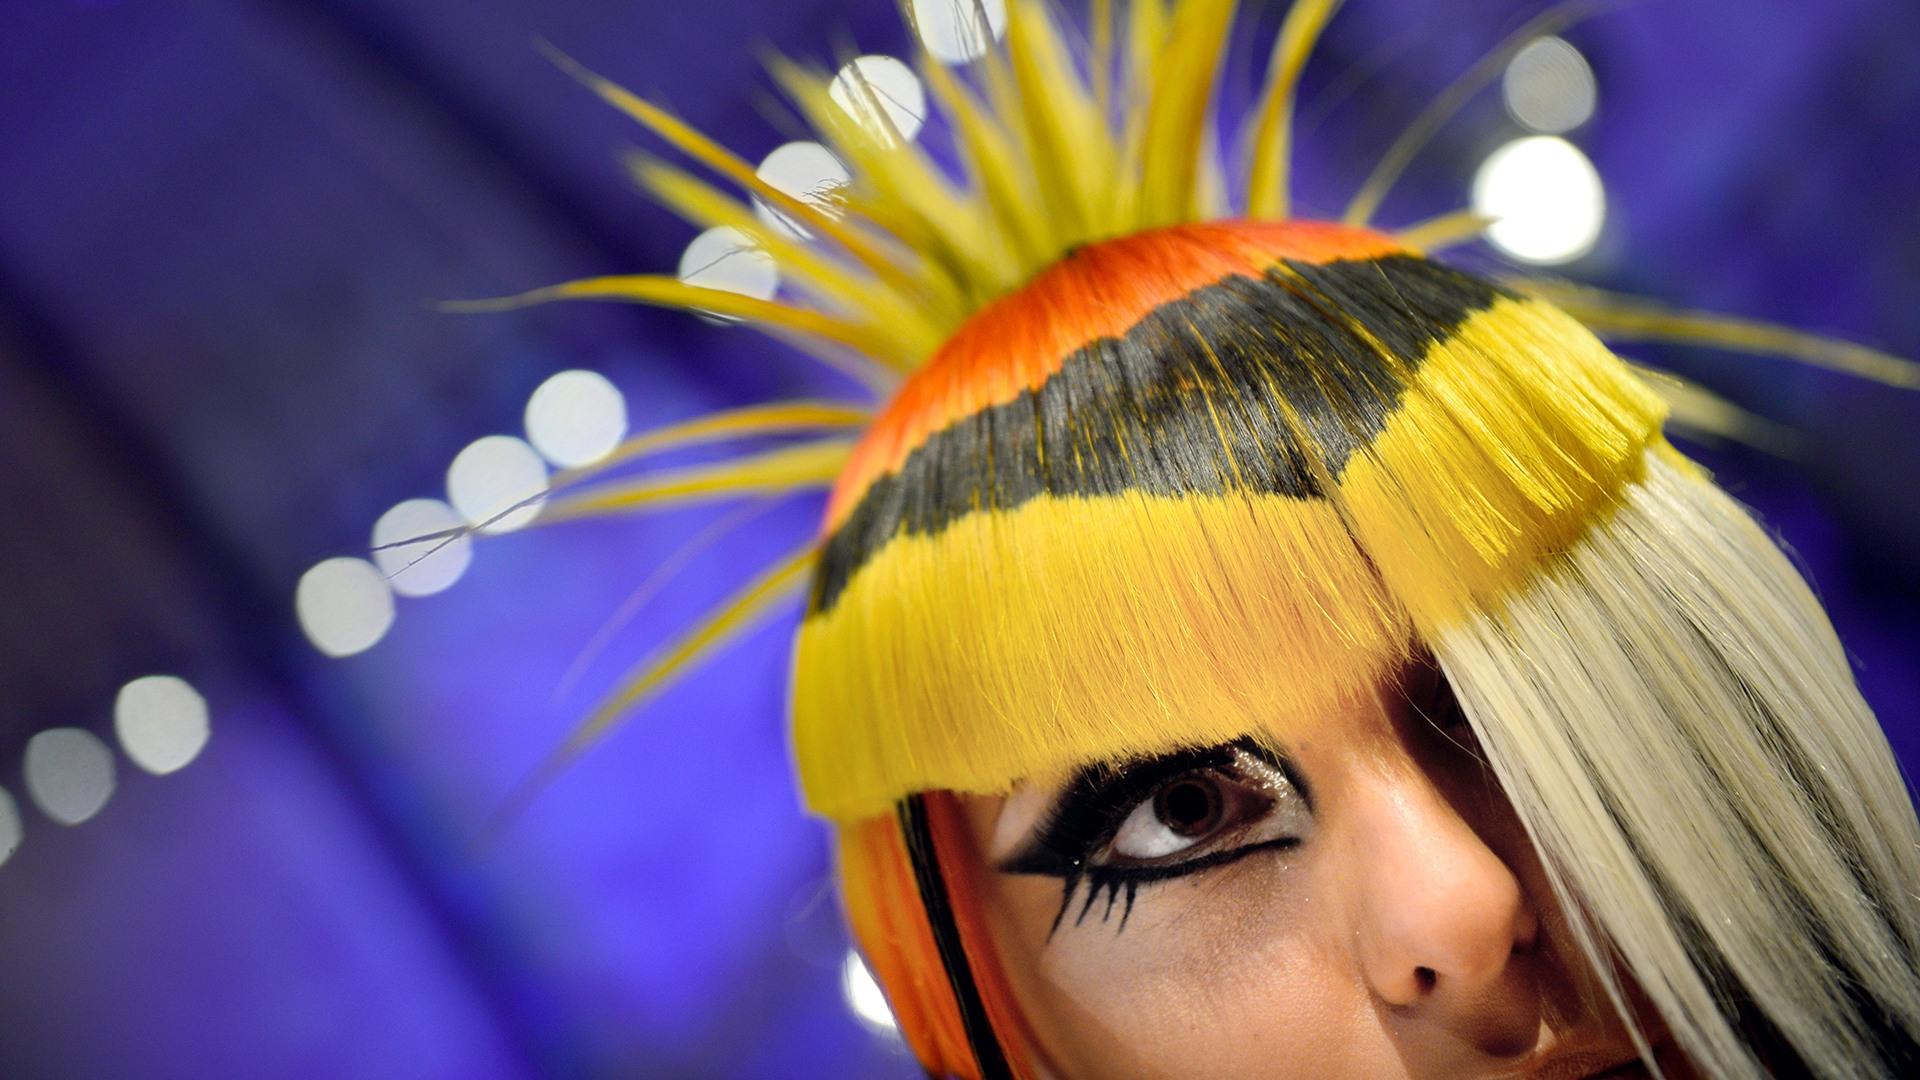 Image: Hair & Beauty Fair